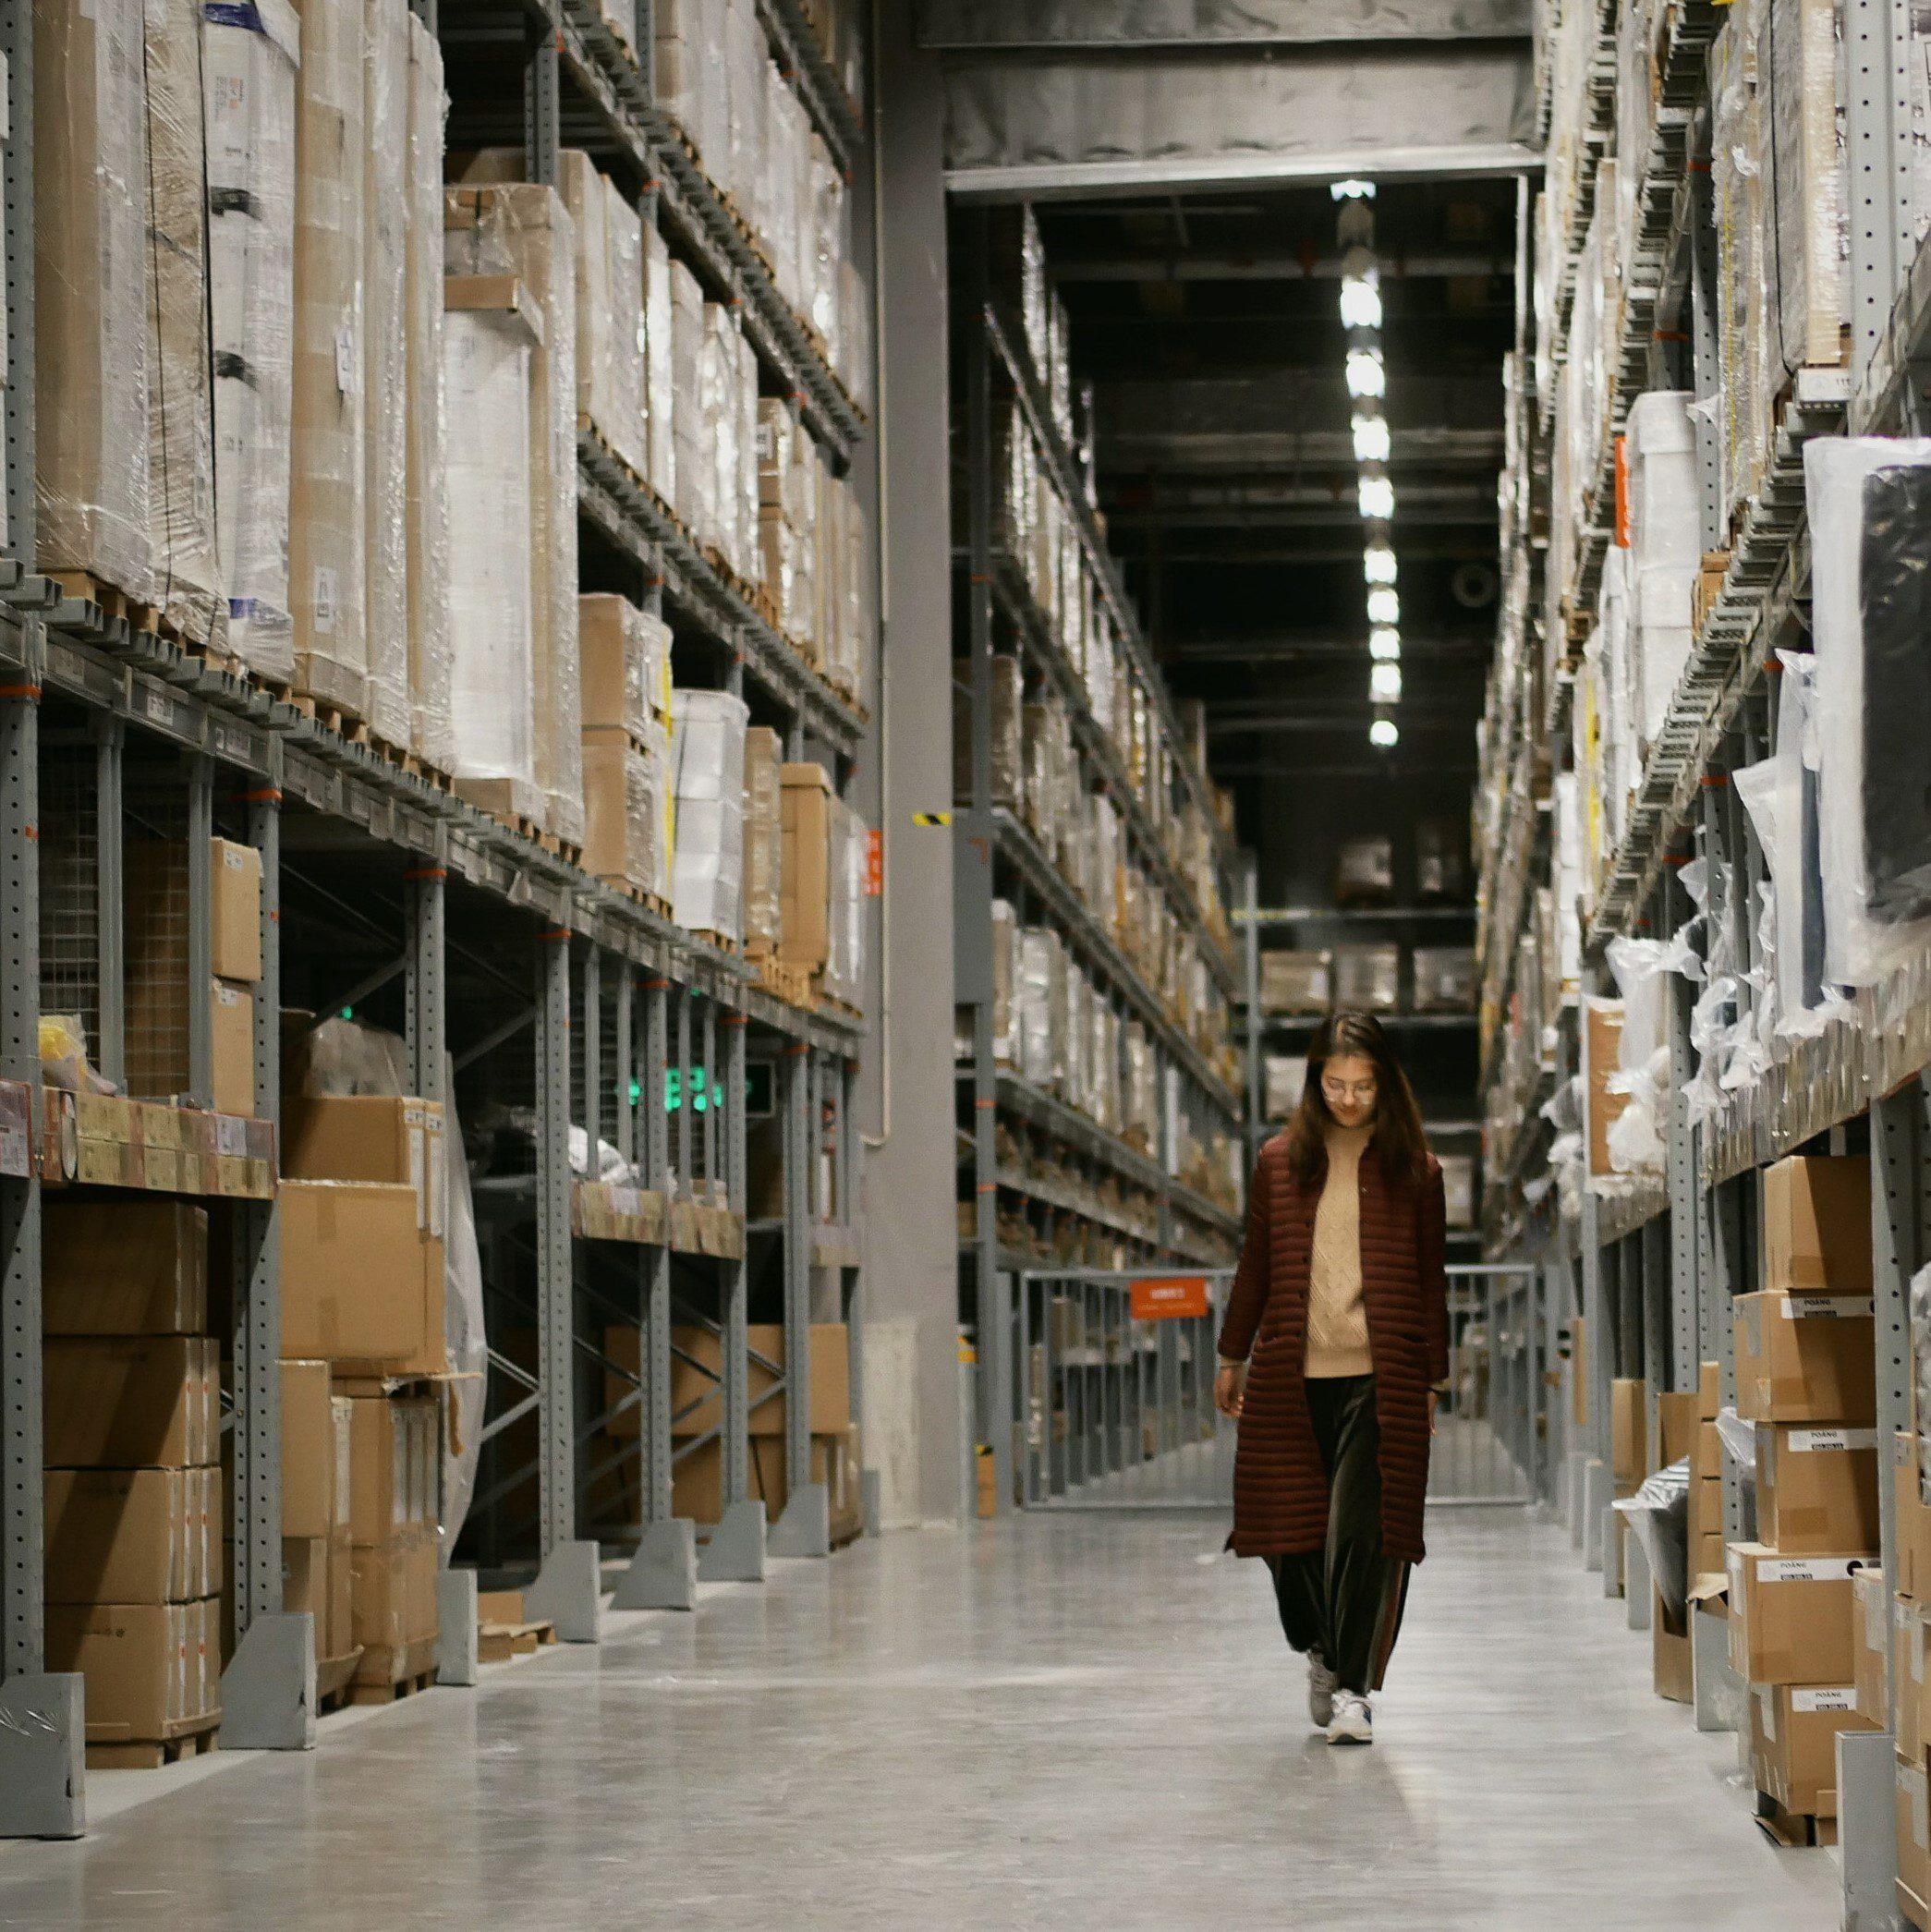 woman walking through an aisle of a warehouse